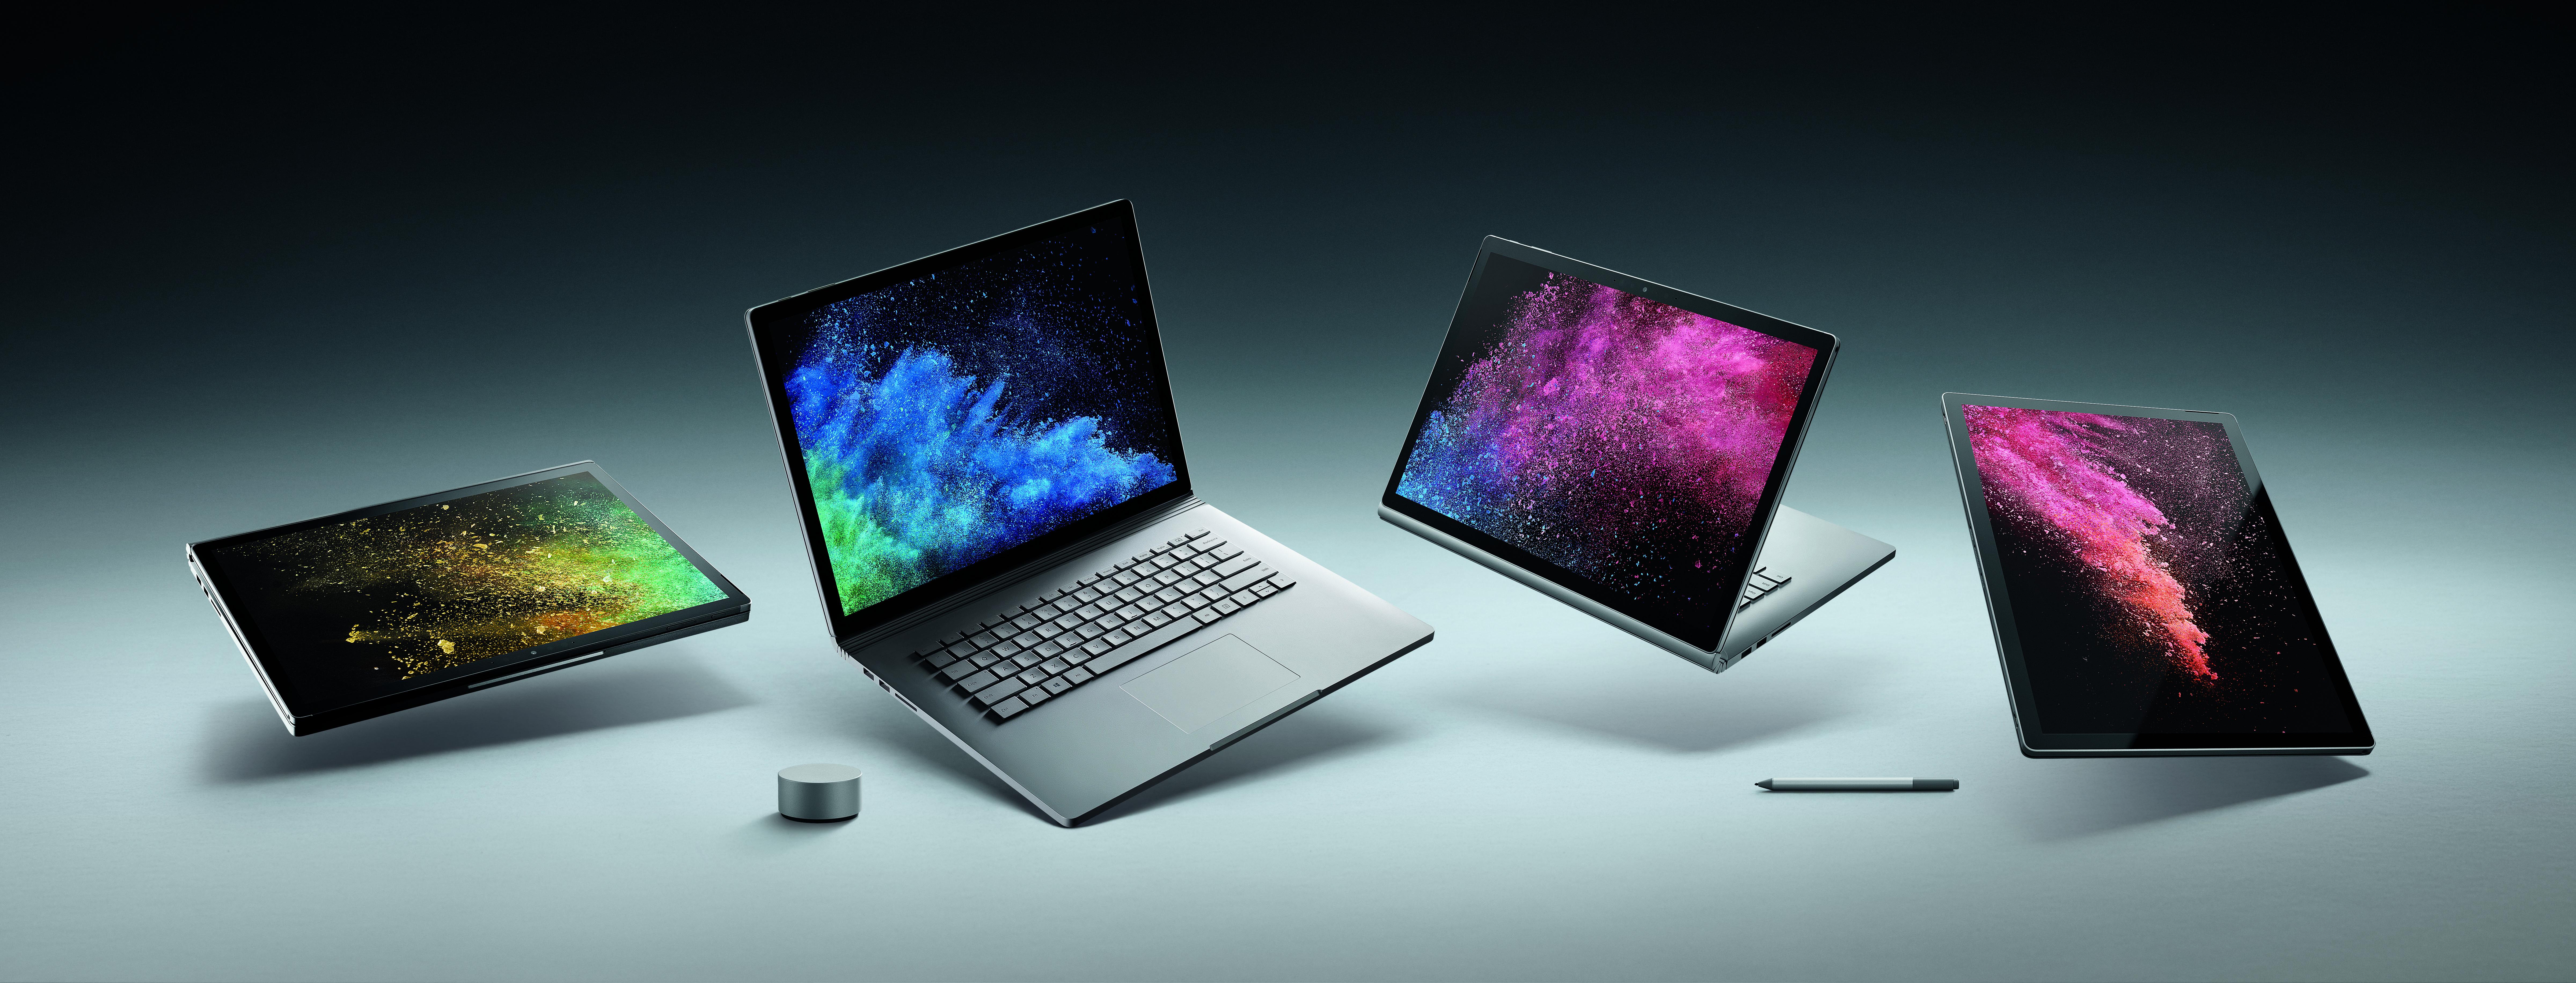 Llega la nueva Surface Book 2, el portatil 2 en 1 de Microsoft con Windows 10